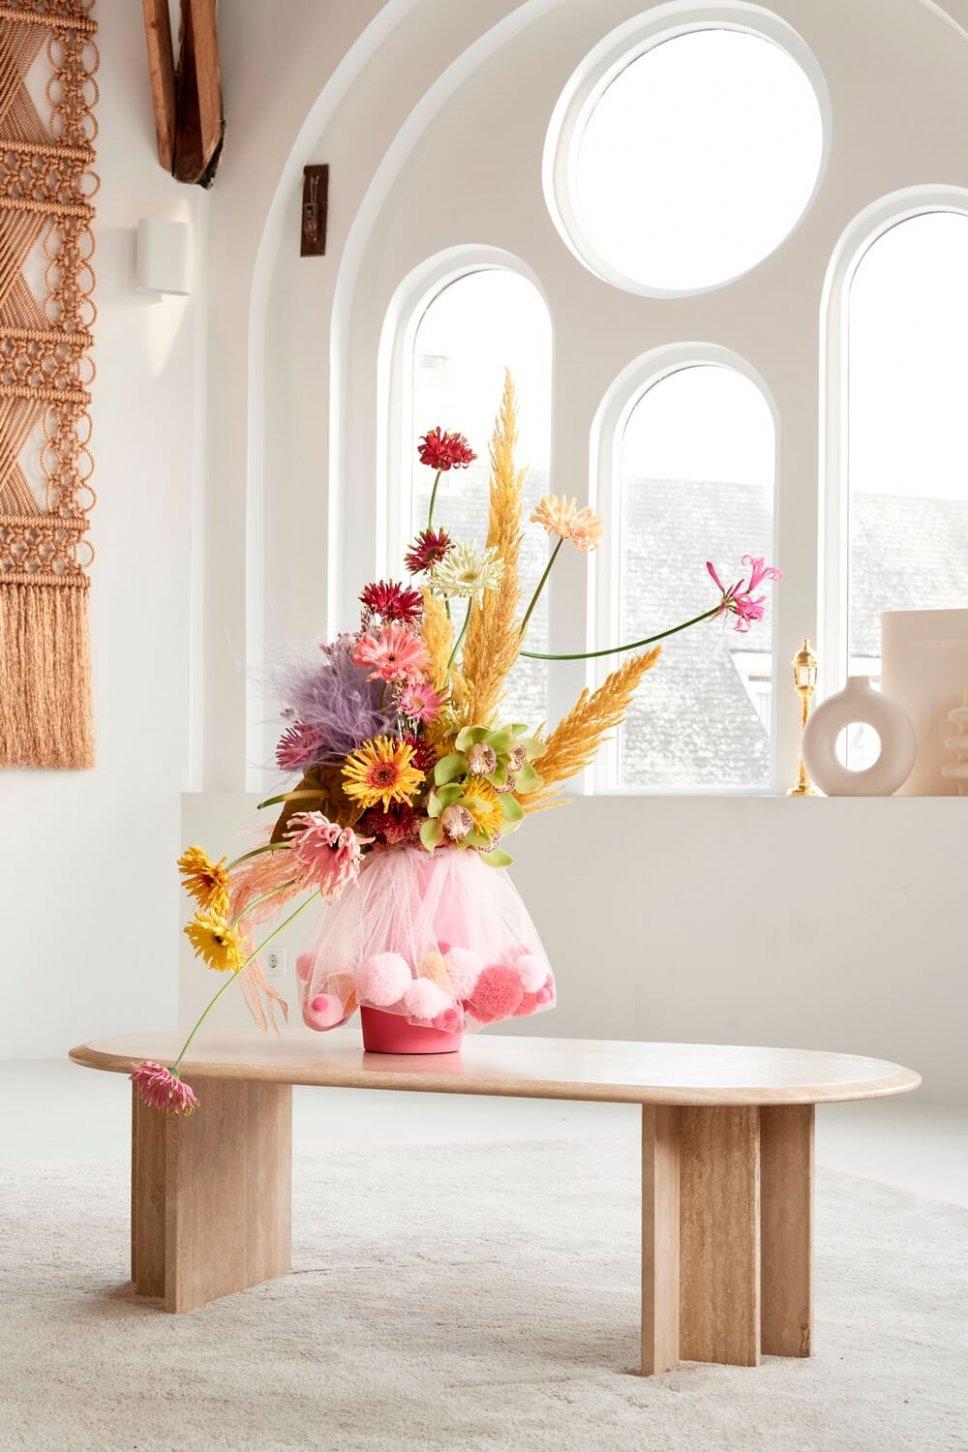 Moderner Wohnraum mit ausgefallener Vasen, gefüllt mit Gebera